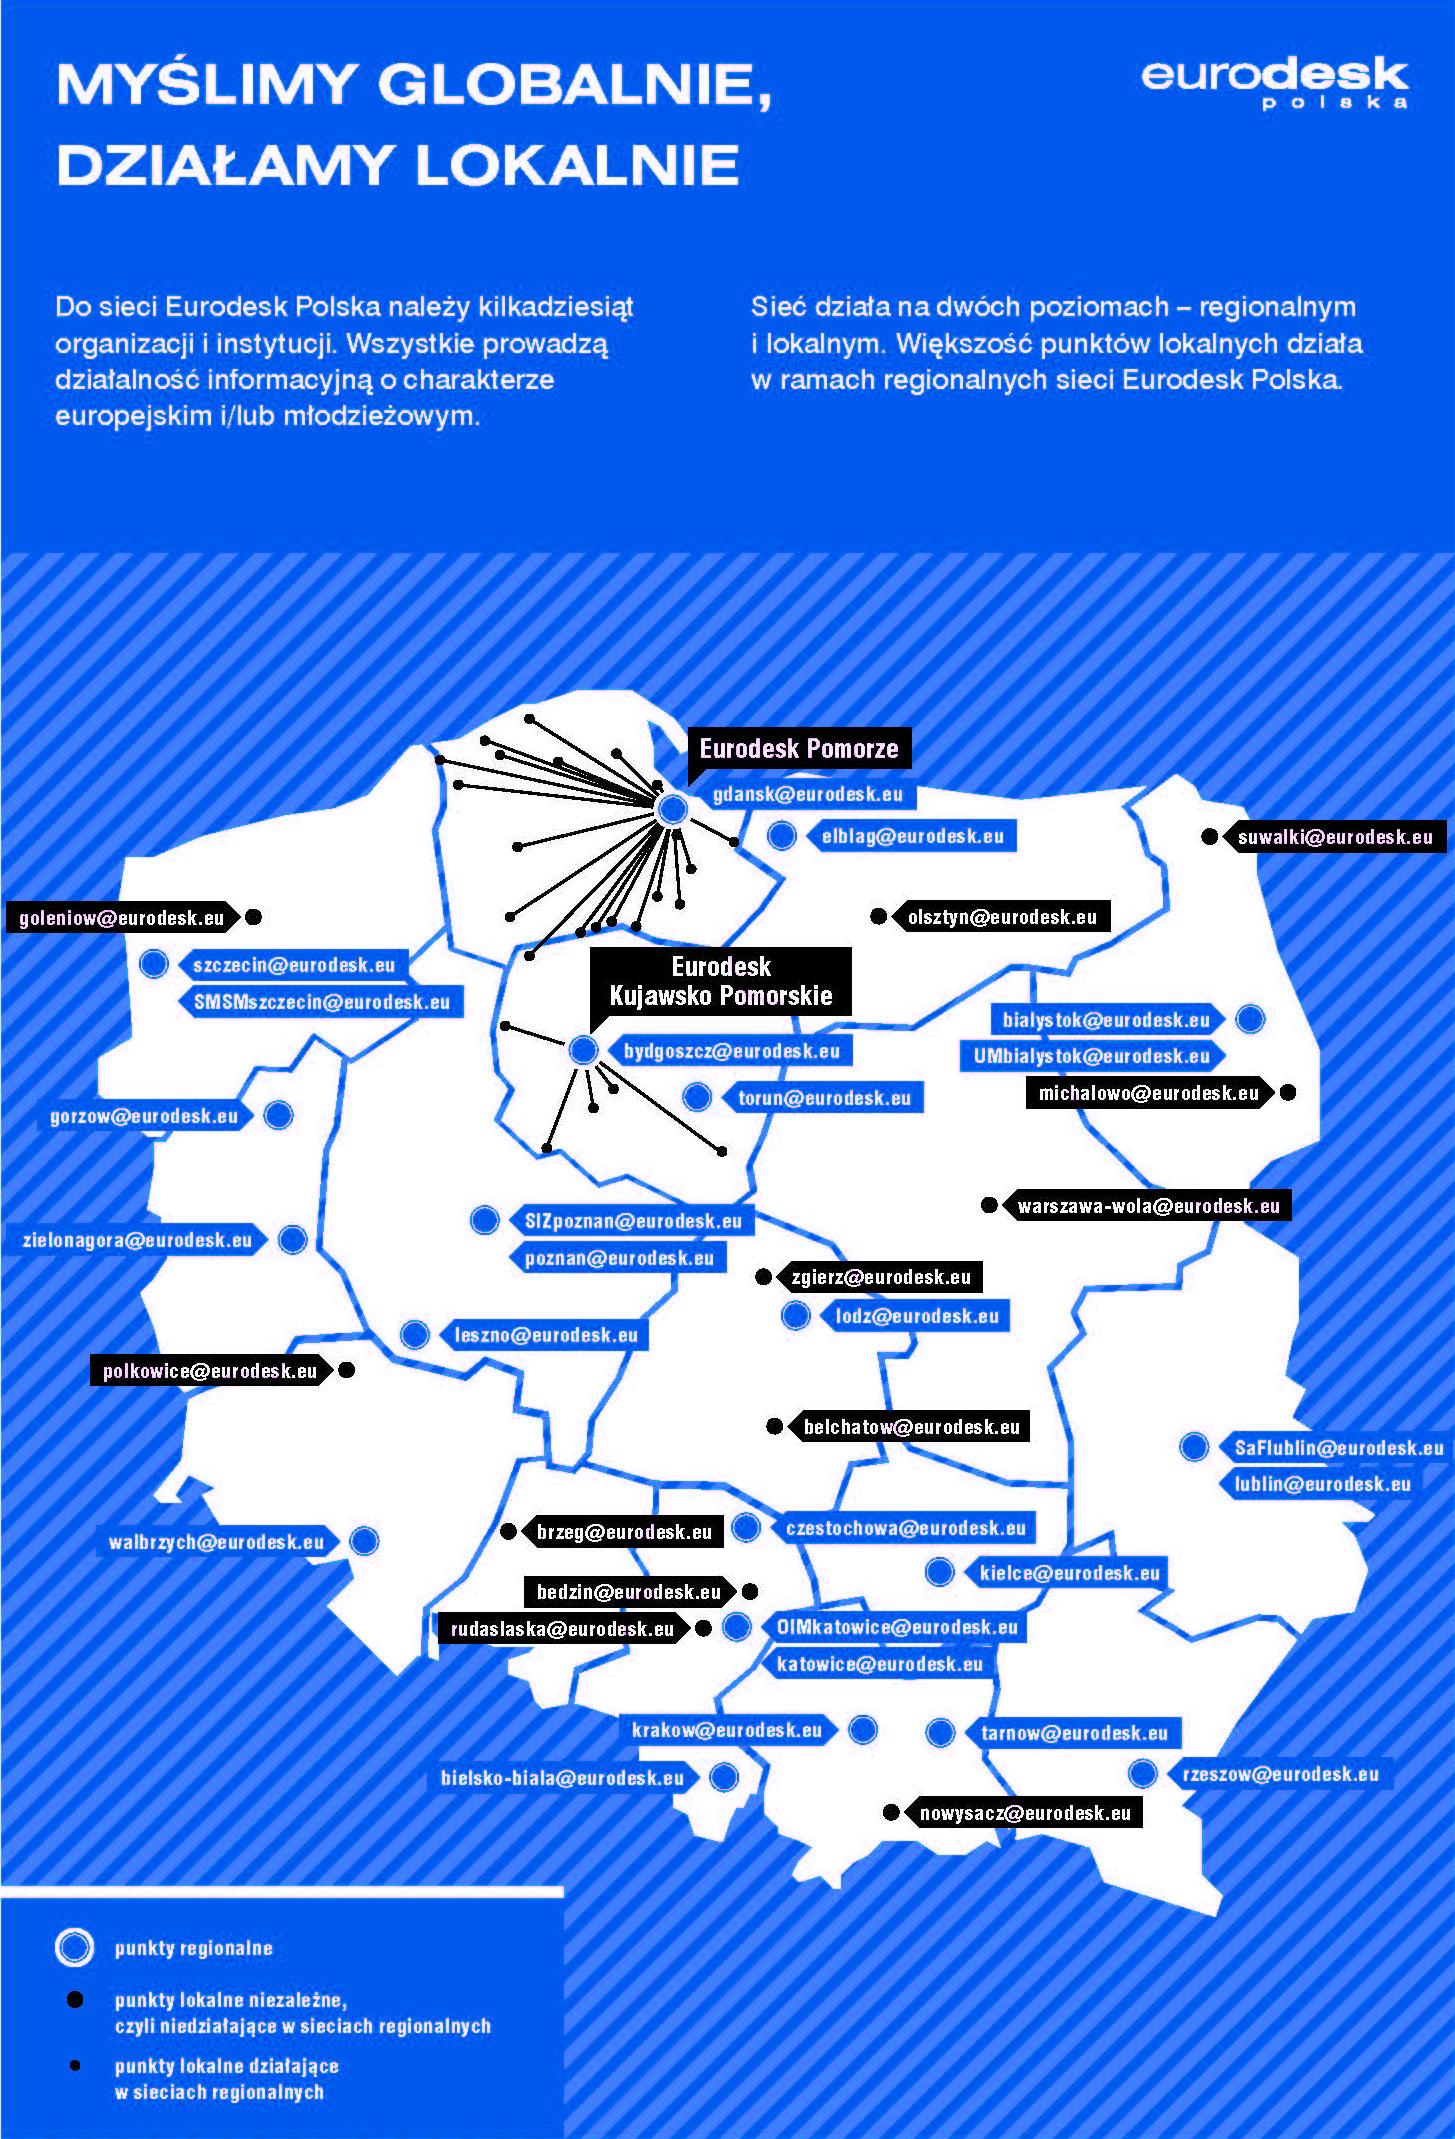 Mapa Polski z zaznaczonymi punktami Eurodesk